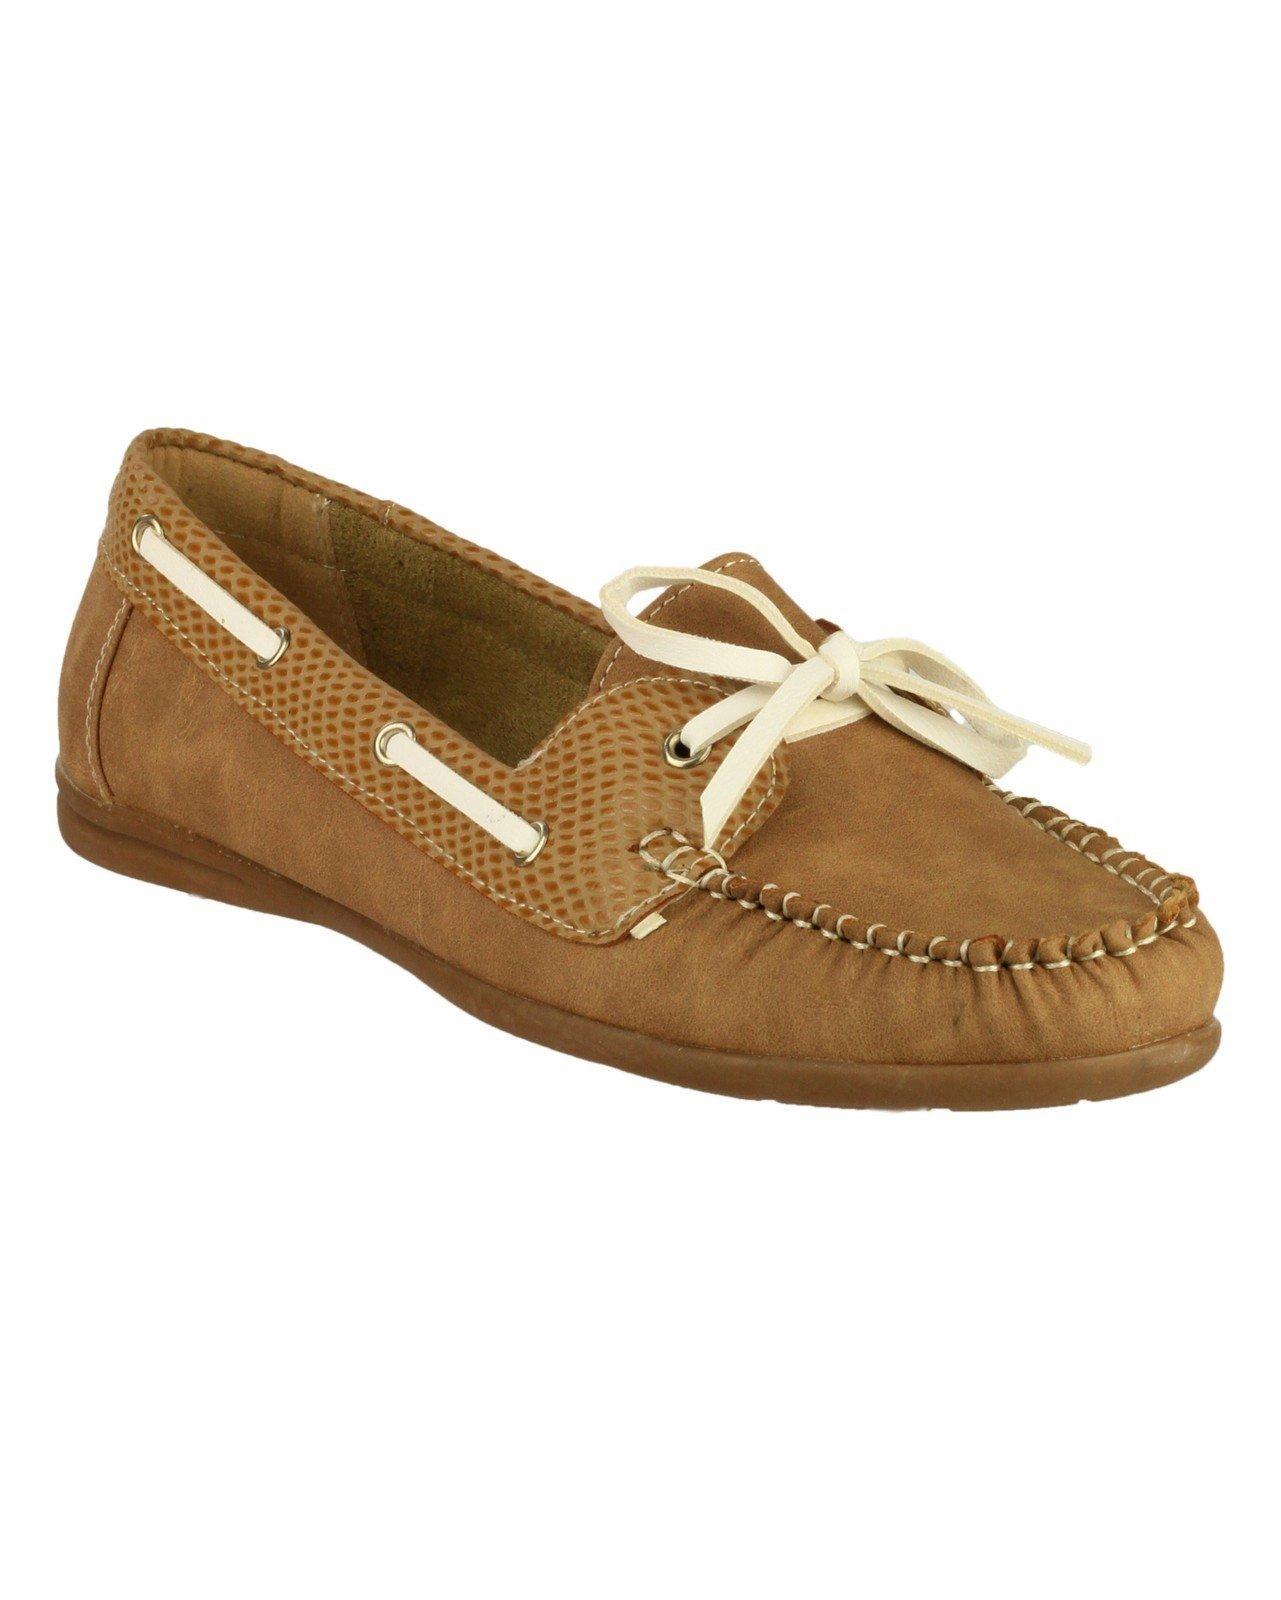 Divaz Women's Belgravia Slip on Shoe Red 19838-31017 - Tan 3